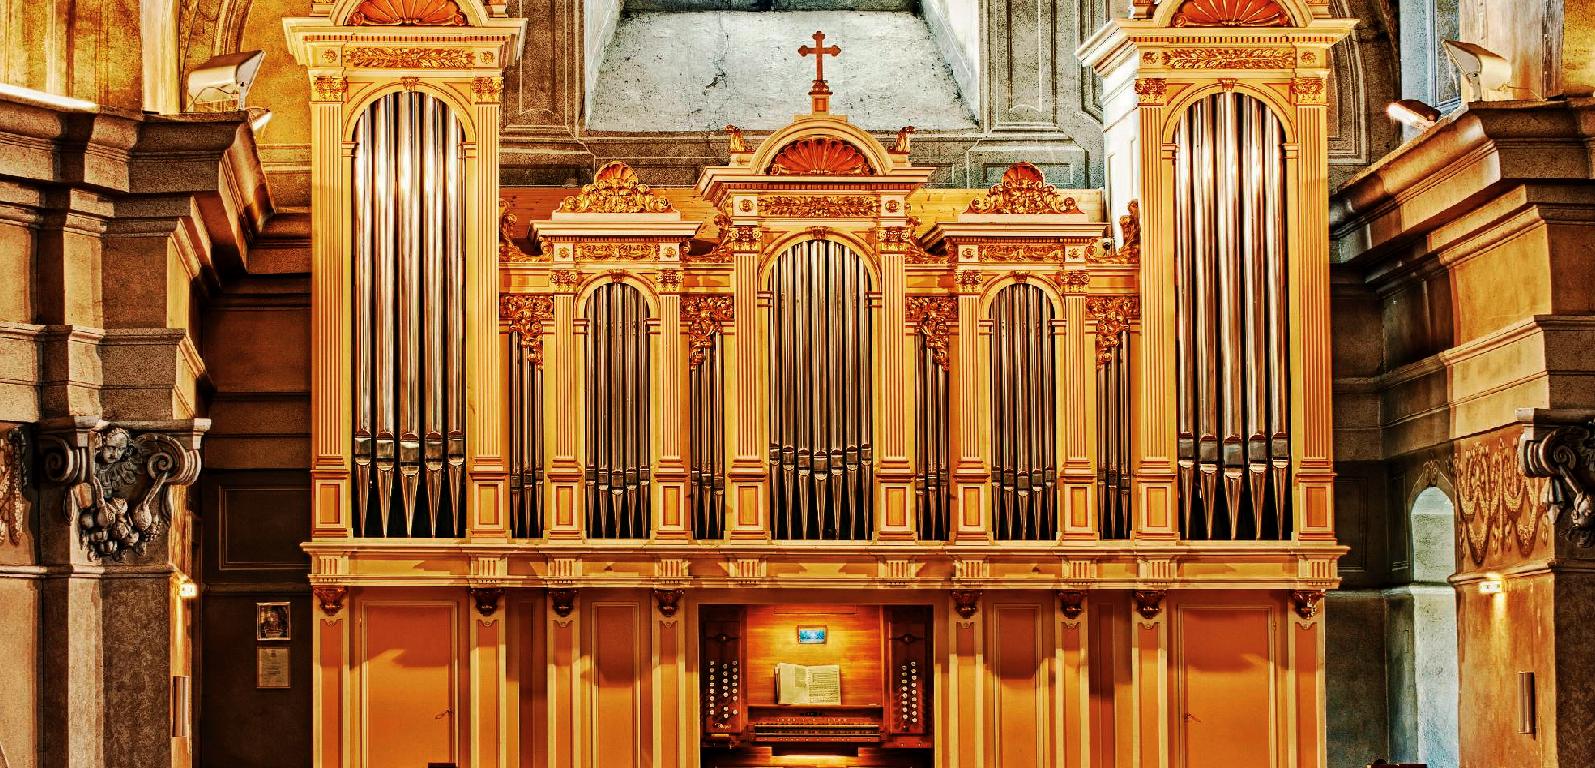 Rieger-Orgel mit 35 Registern – die größte Kirchenorgel des Burgenlandes